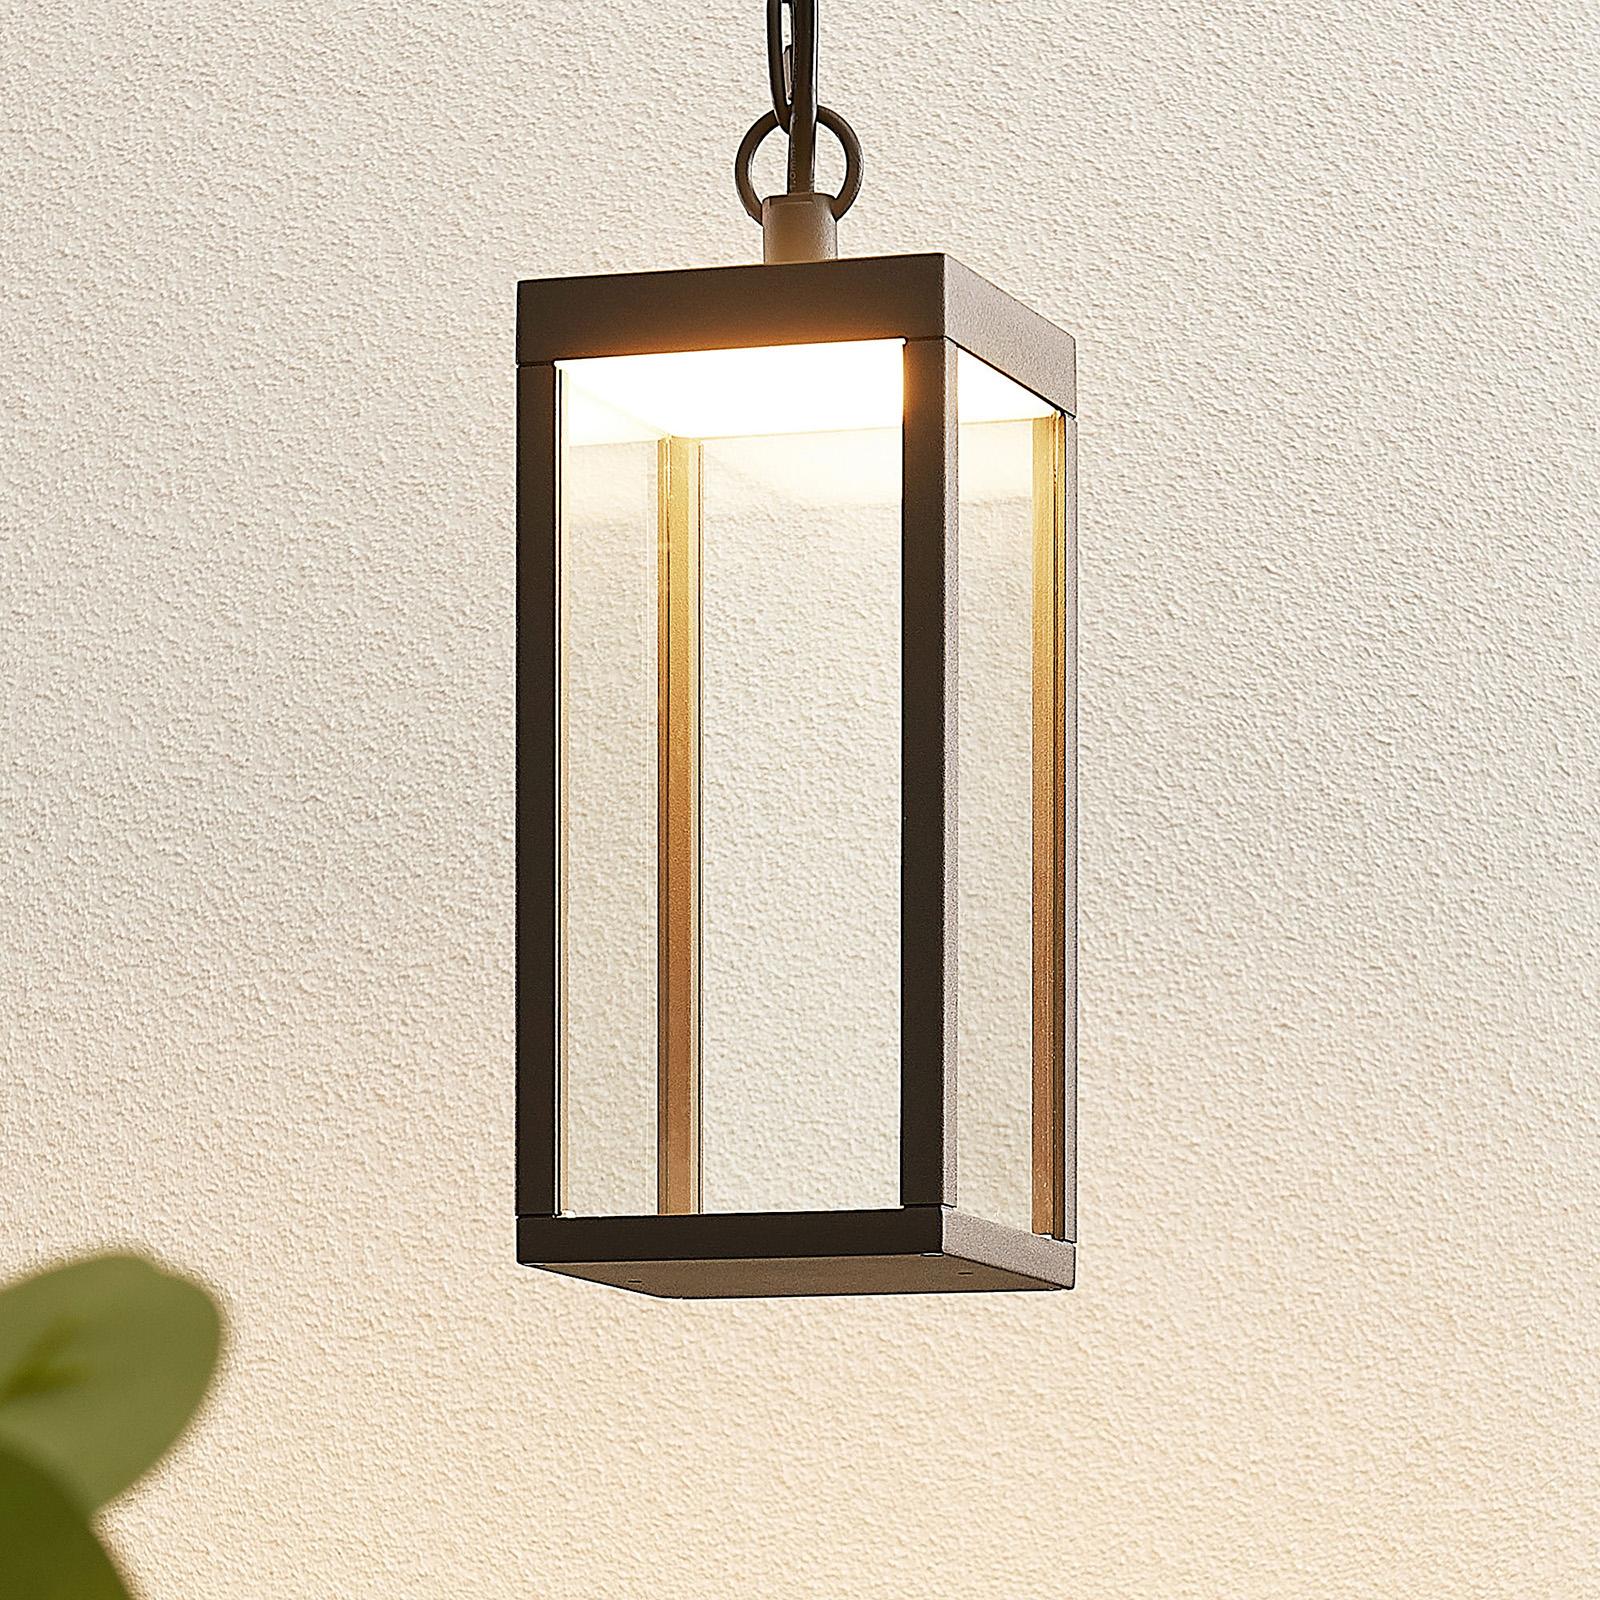 LED-Außenhängeleuchte Cube mit Glasschirm, 26 cm